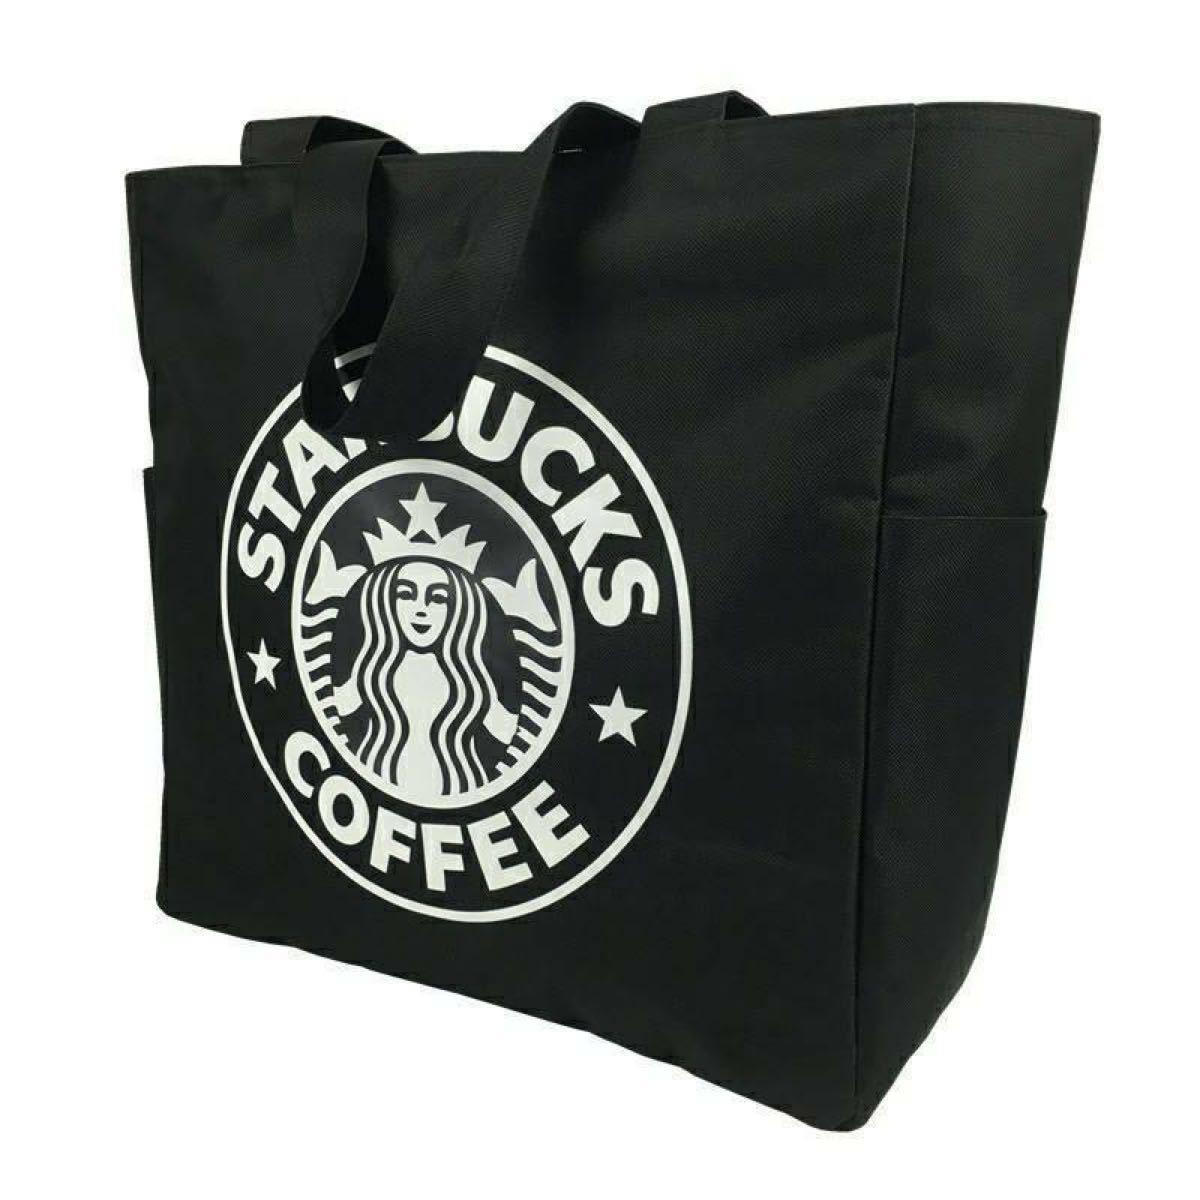 スターバックス スタバ Starbucks トートバッグ マザーバッグ レジかご スタバ エコバッグ キャンバストートバッグ